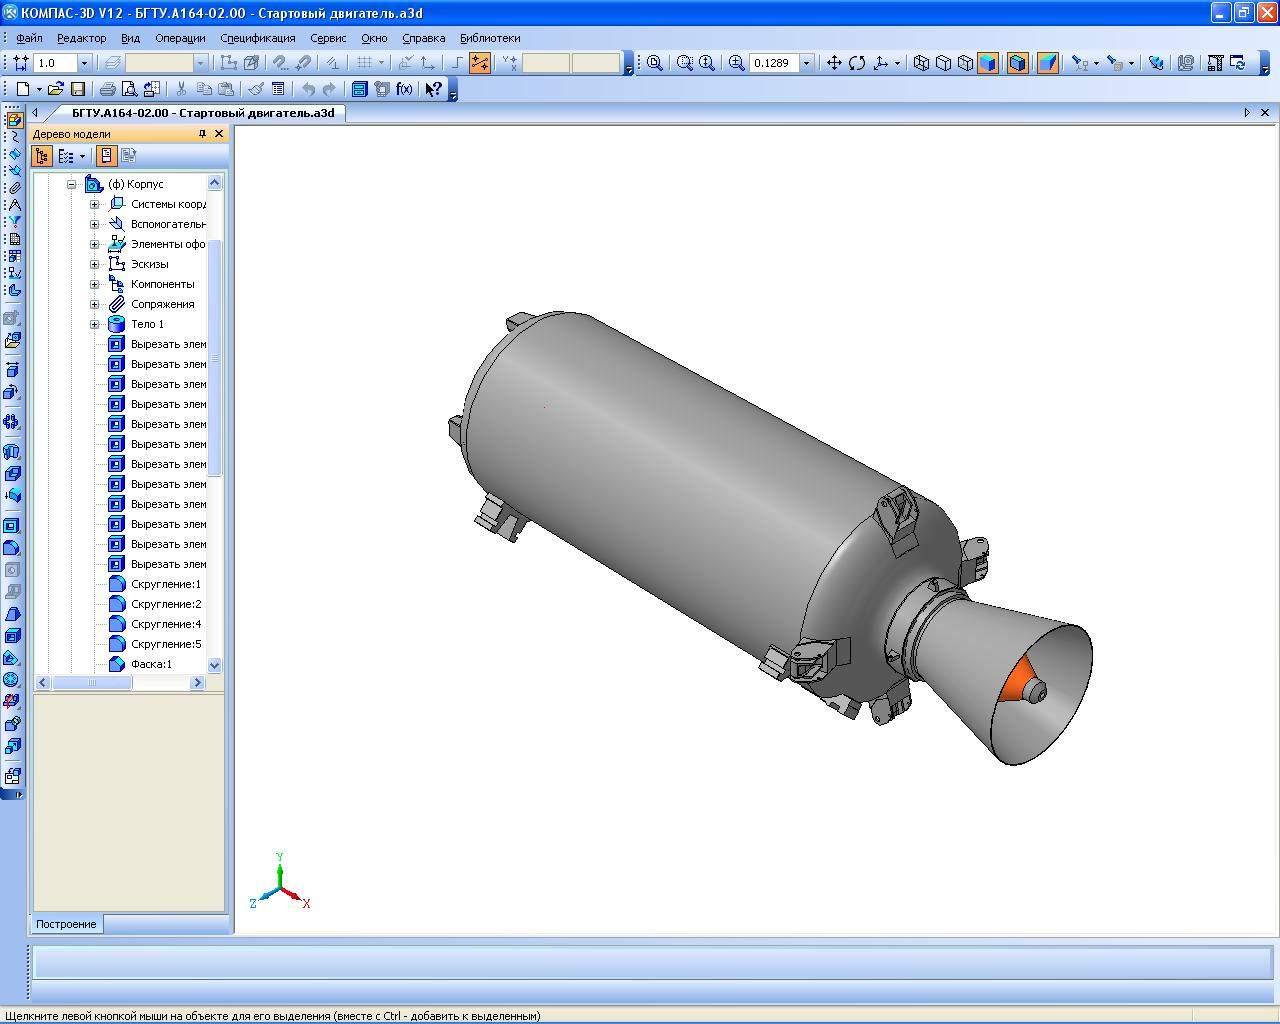 Твёрдотопливный ракетный двигатель своими руками5